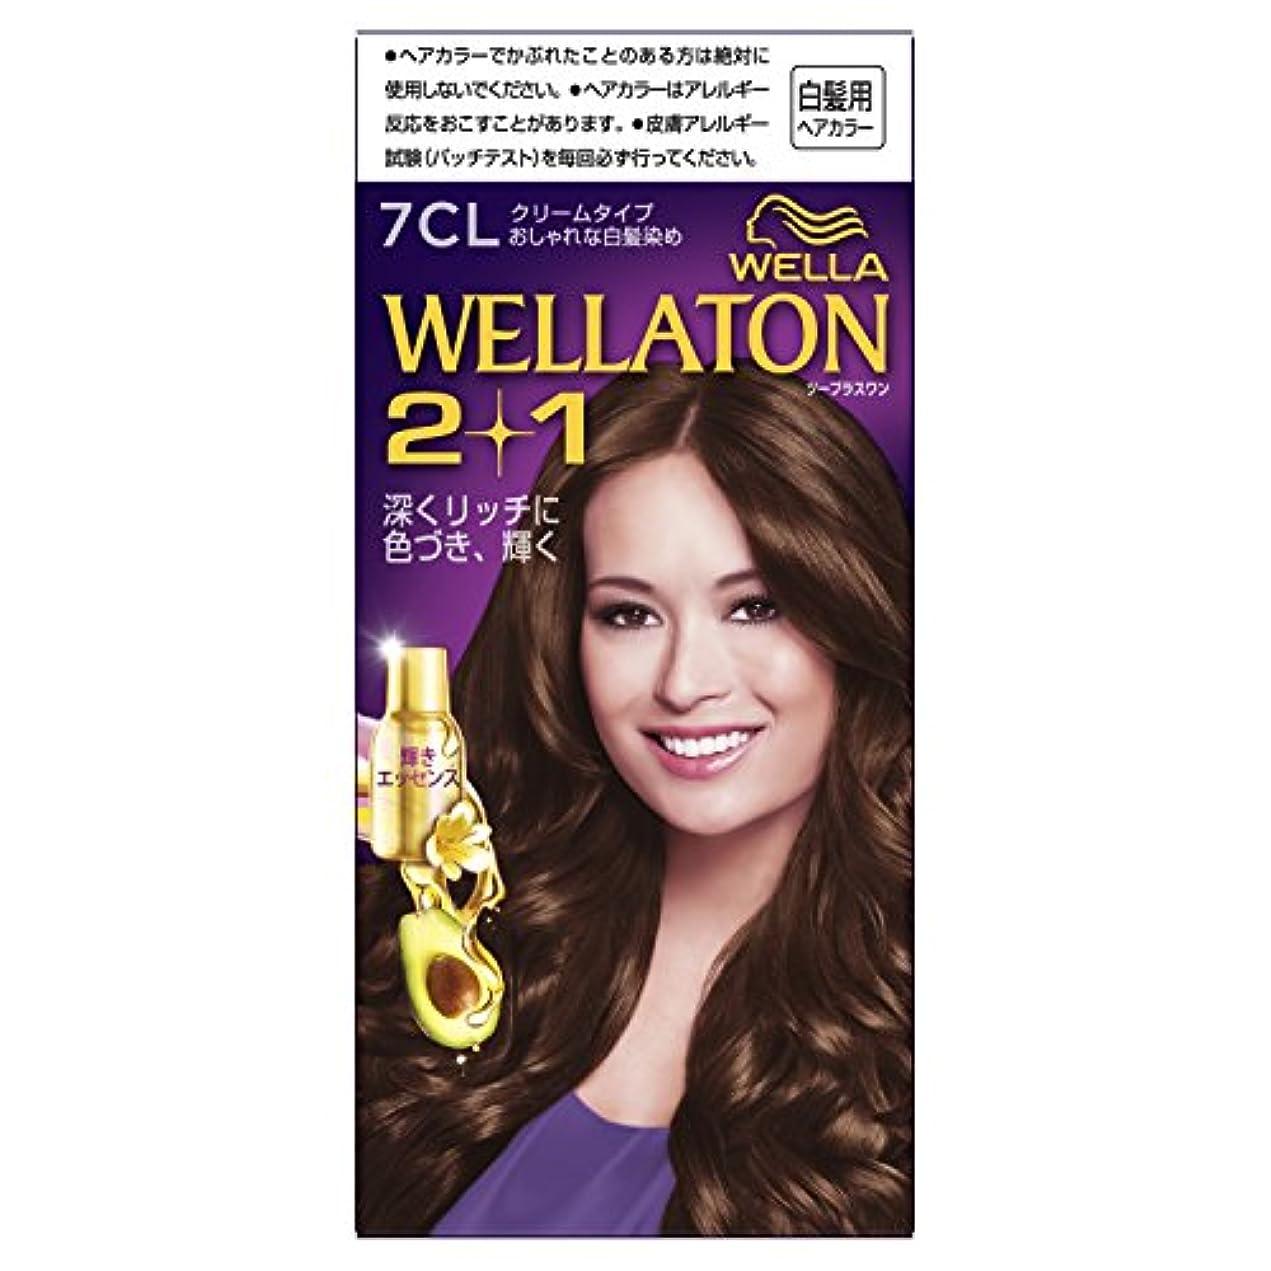 振り返るスピーチ同種のウエラトーン2+1 クリームタイプ 7CL [医薬部外品](おしゃれな白髪染め)